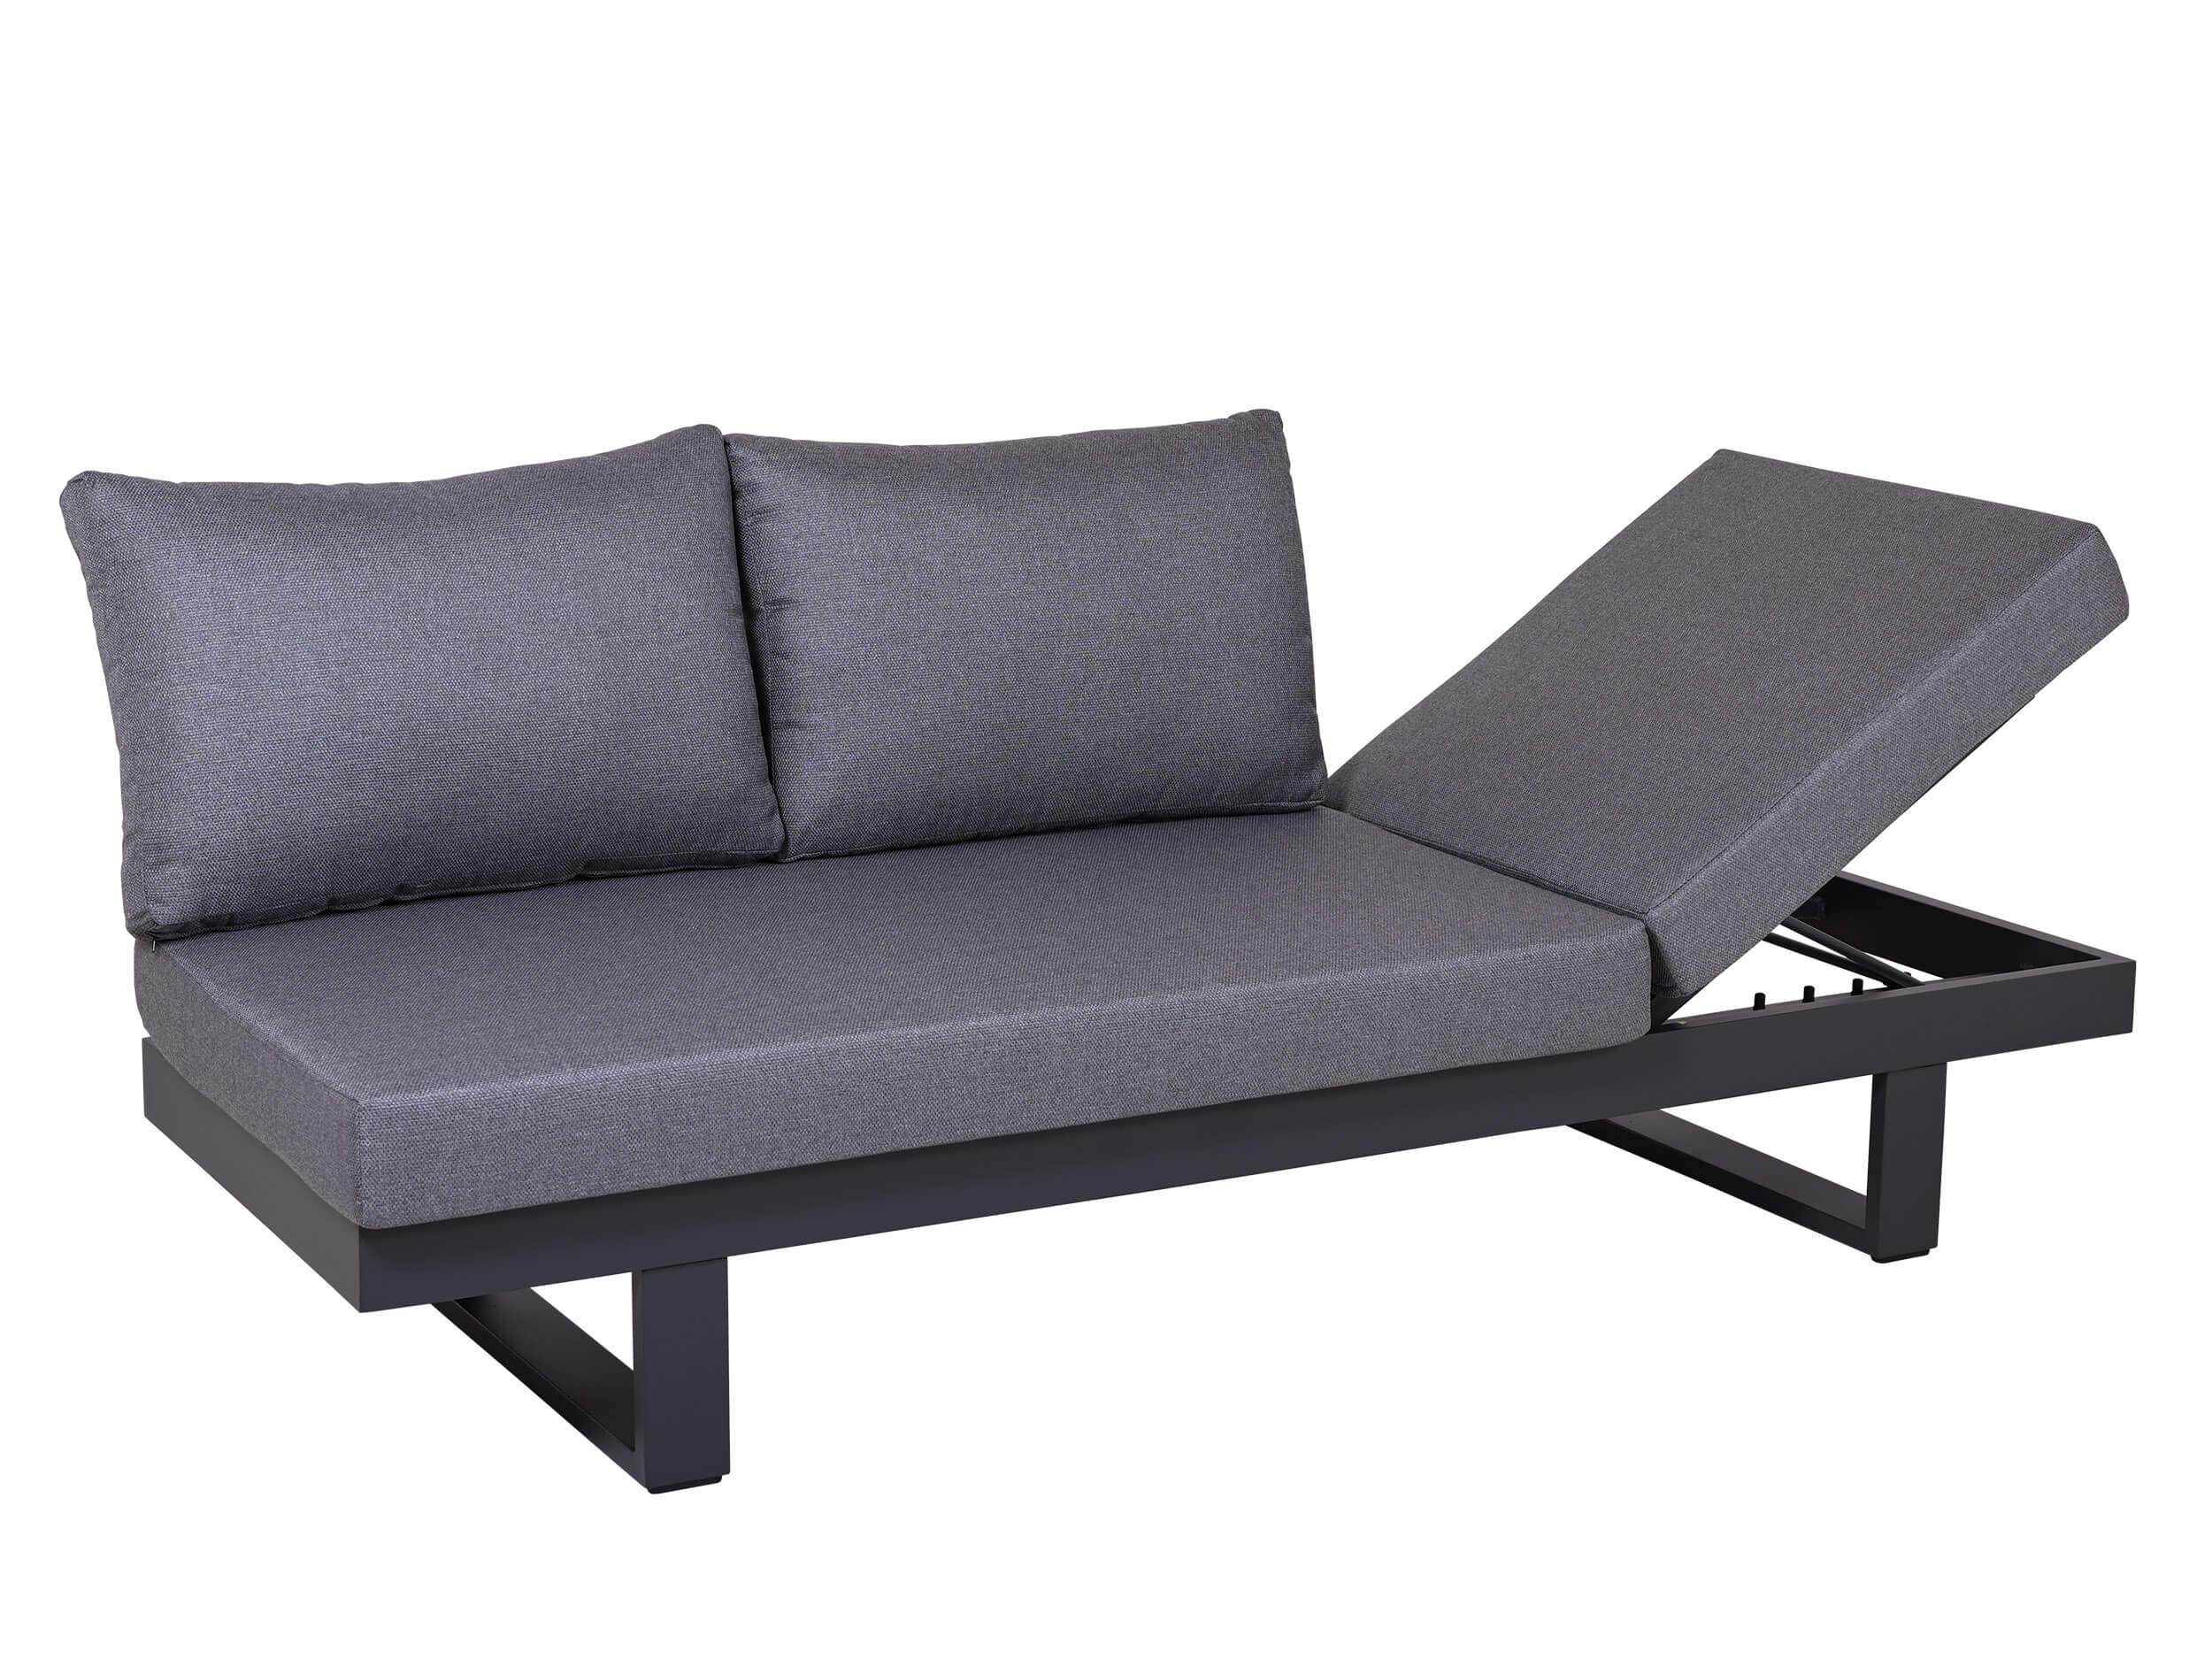 Multifunktionale Alu Lounge Liege Sofa Vermont   Gartenmöbel Lünse